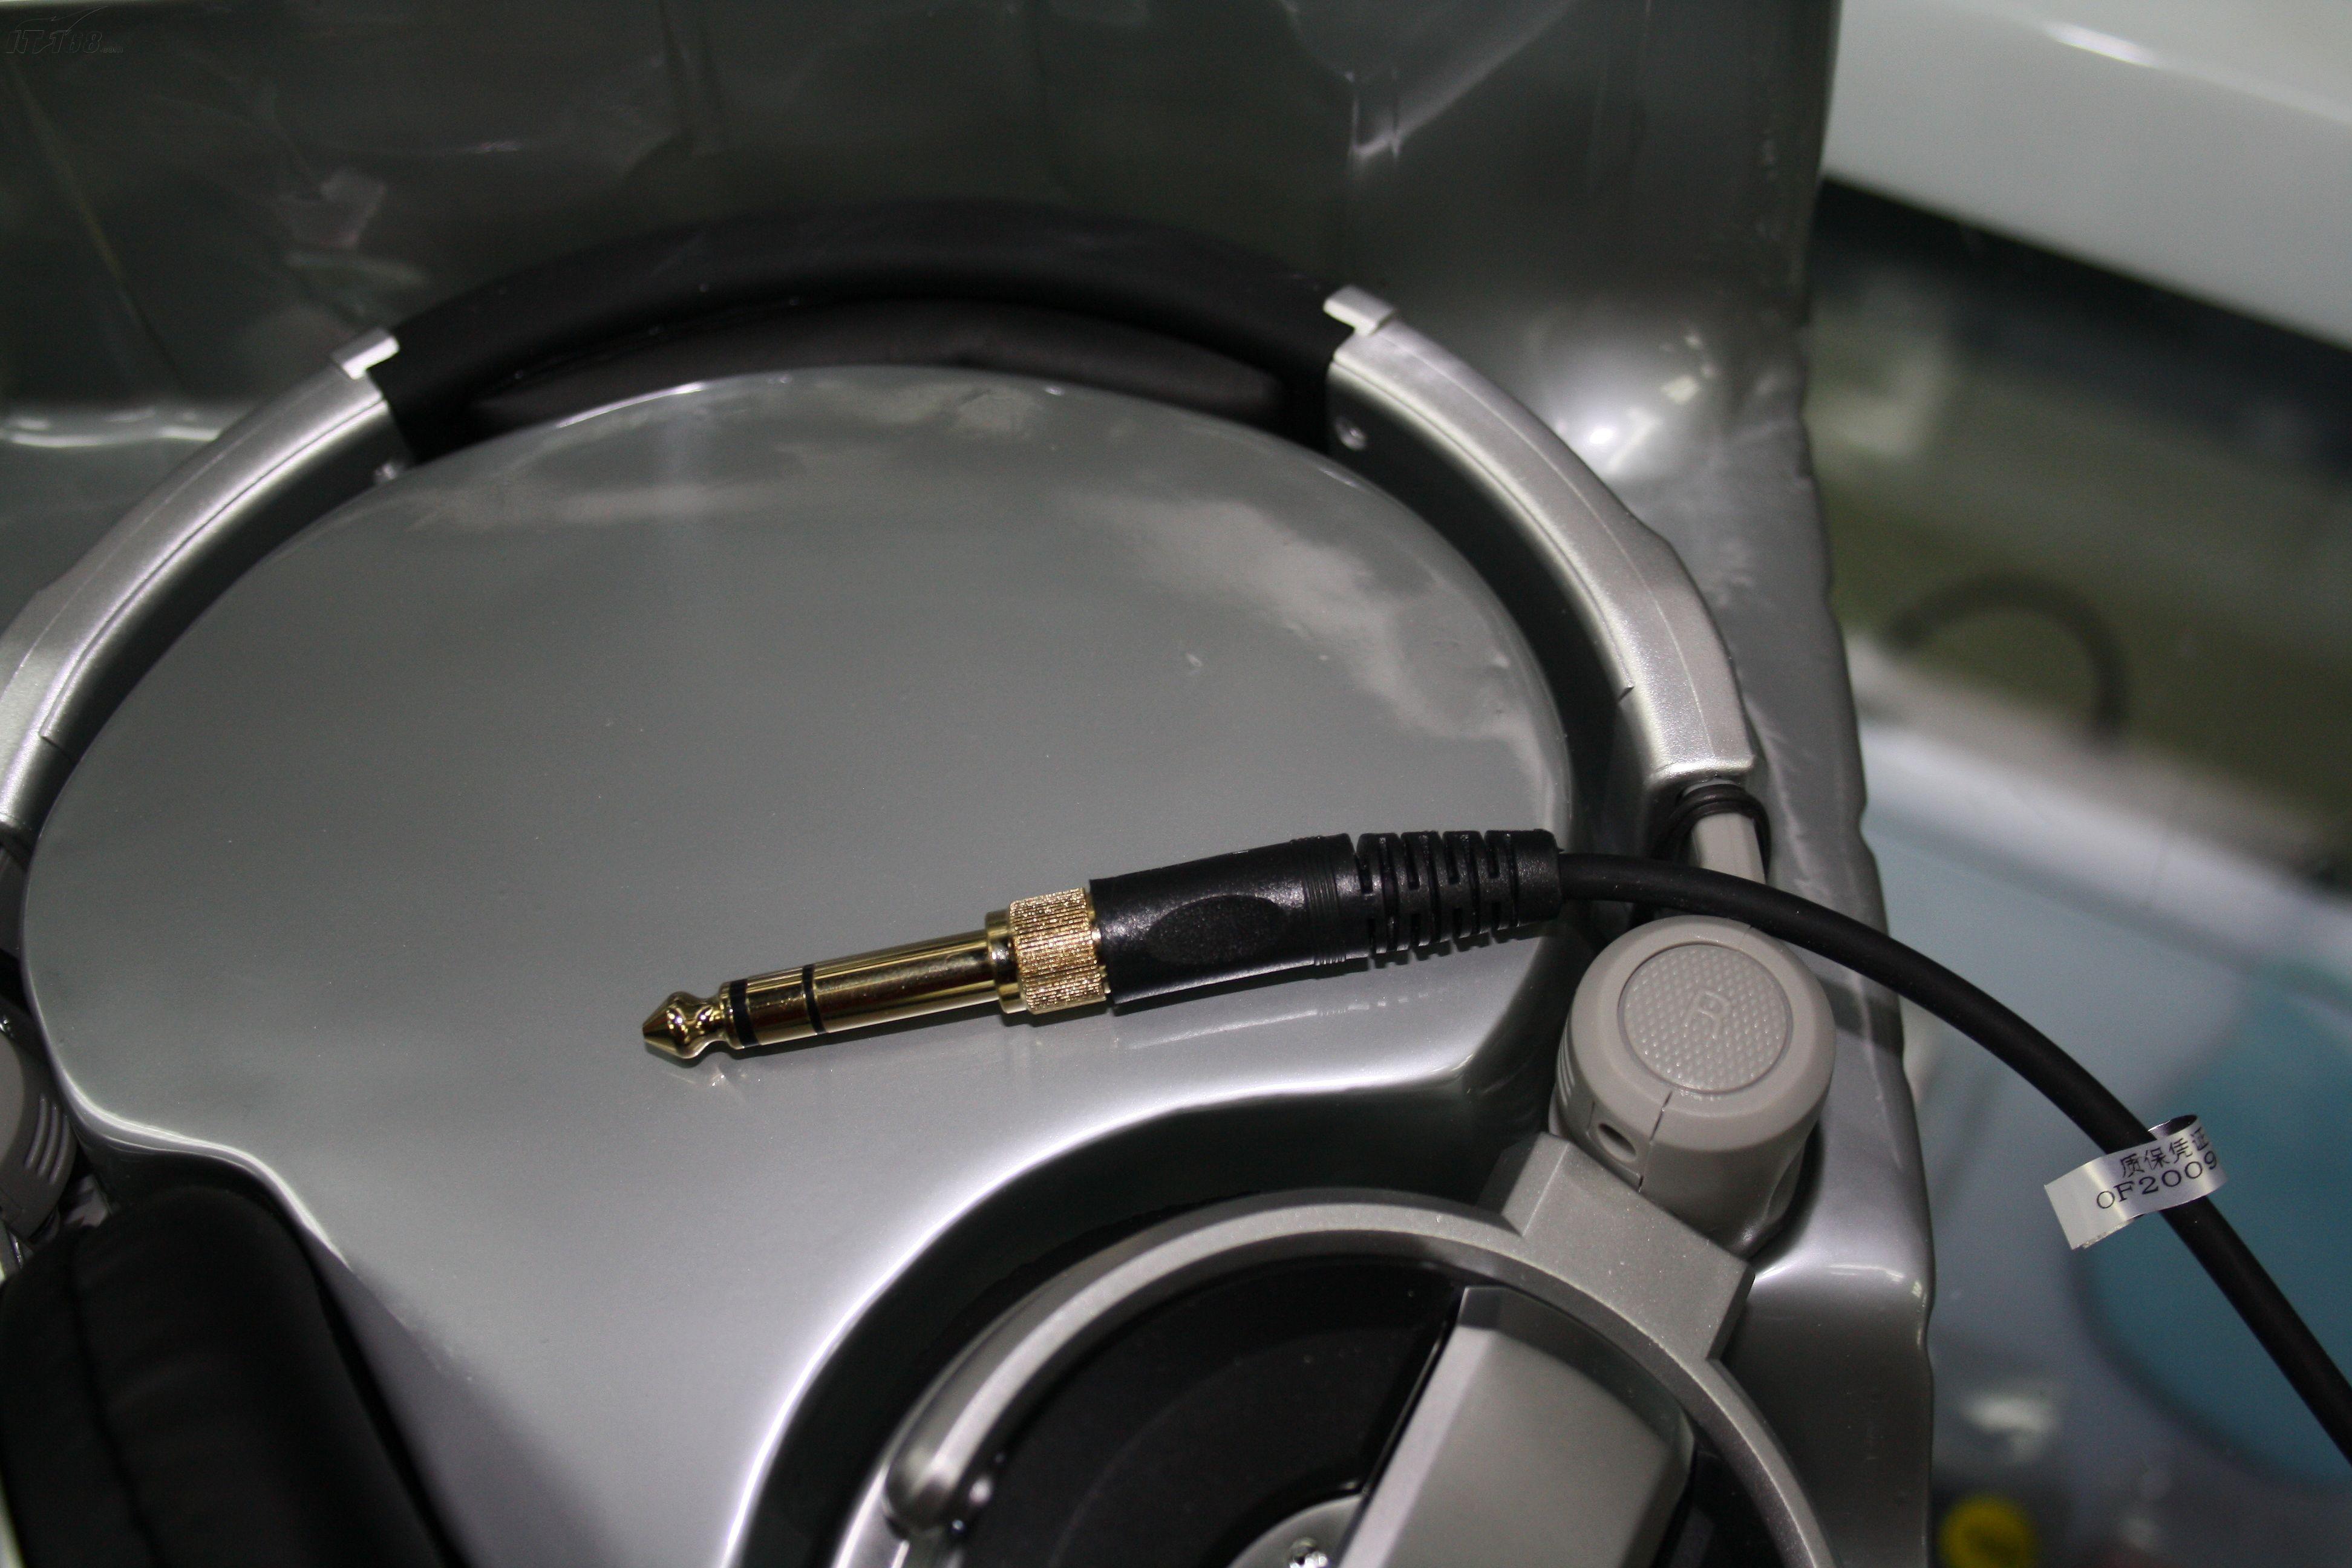 欧凡ov-dj9999耳机产品图片10素材-it168耳机图片大全